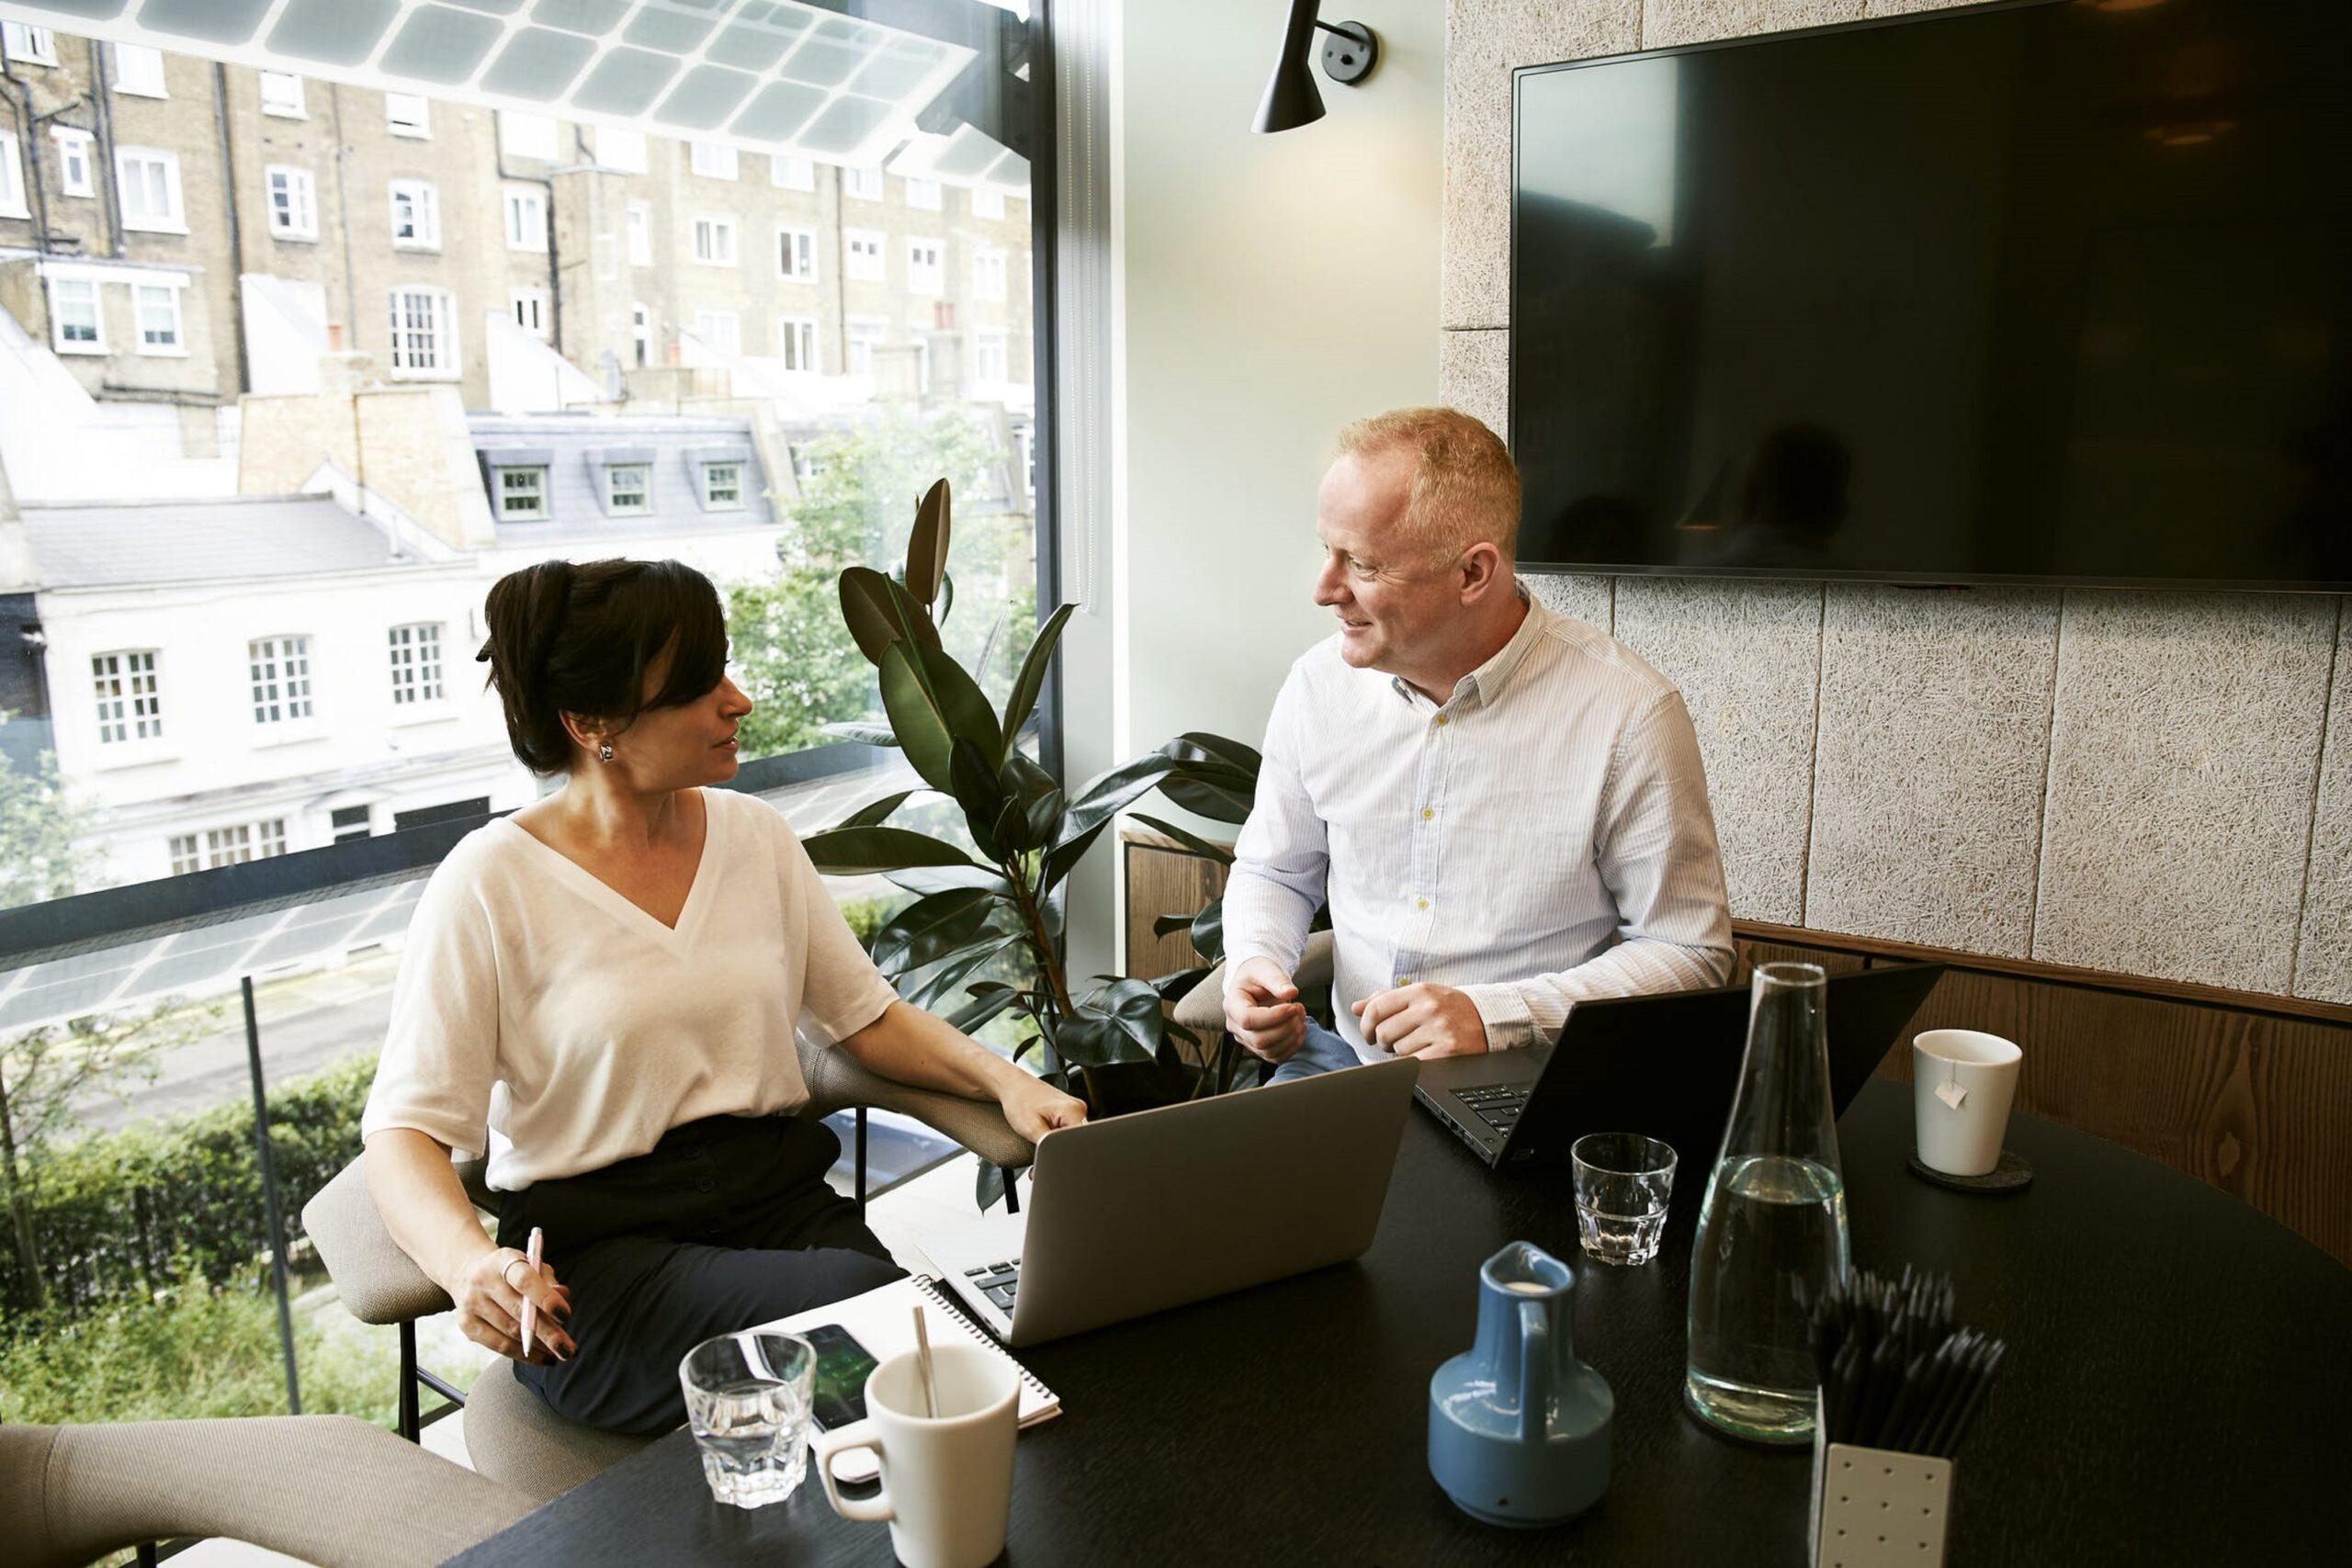 Jobbar du som konsult inom något av våra områden?